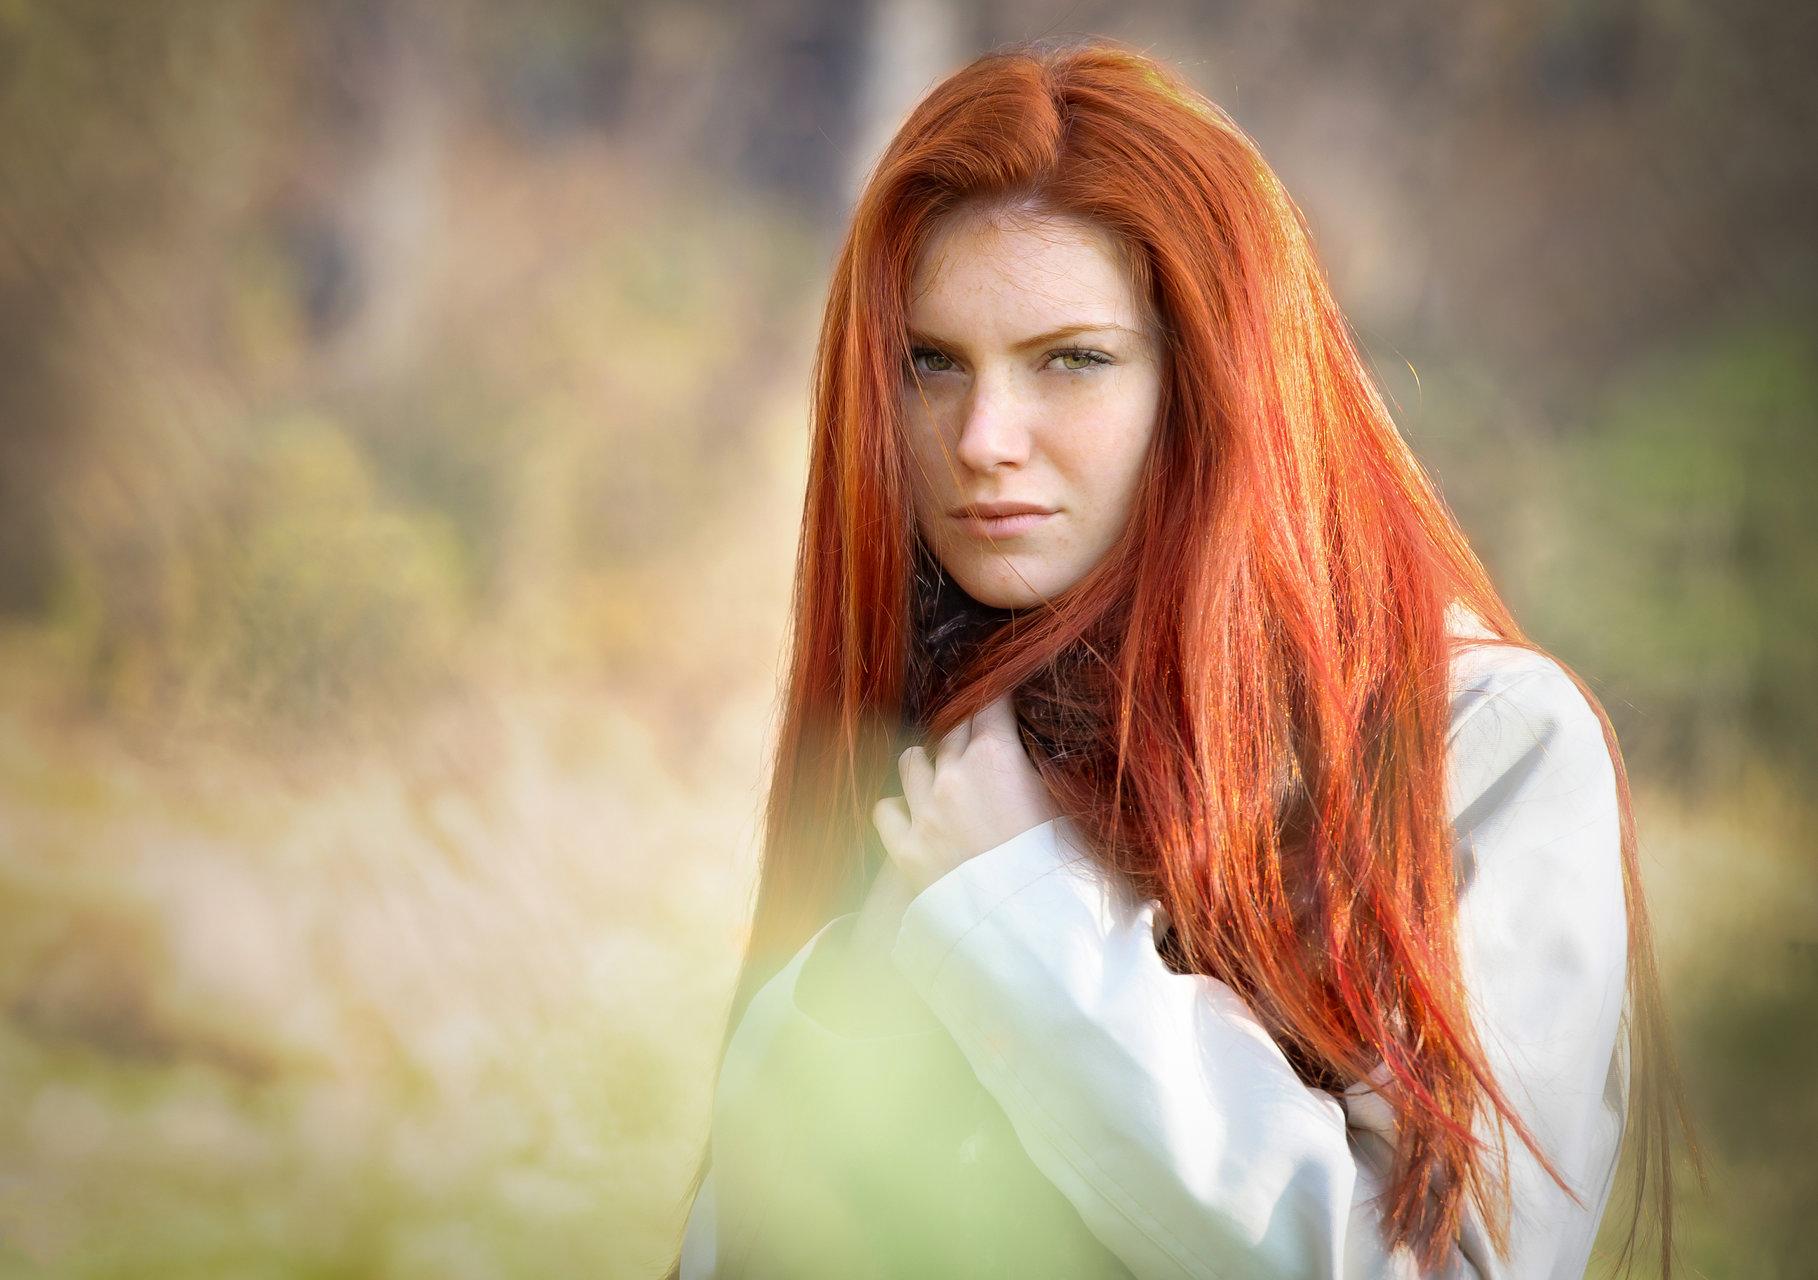 Photo in Portrait   Author Диян.Радев   PHOTO FORUM